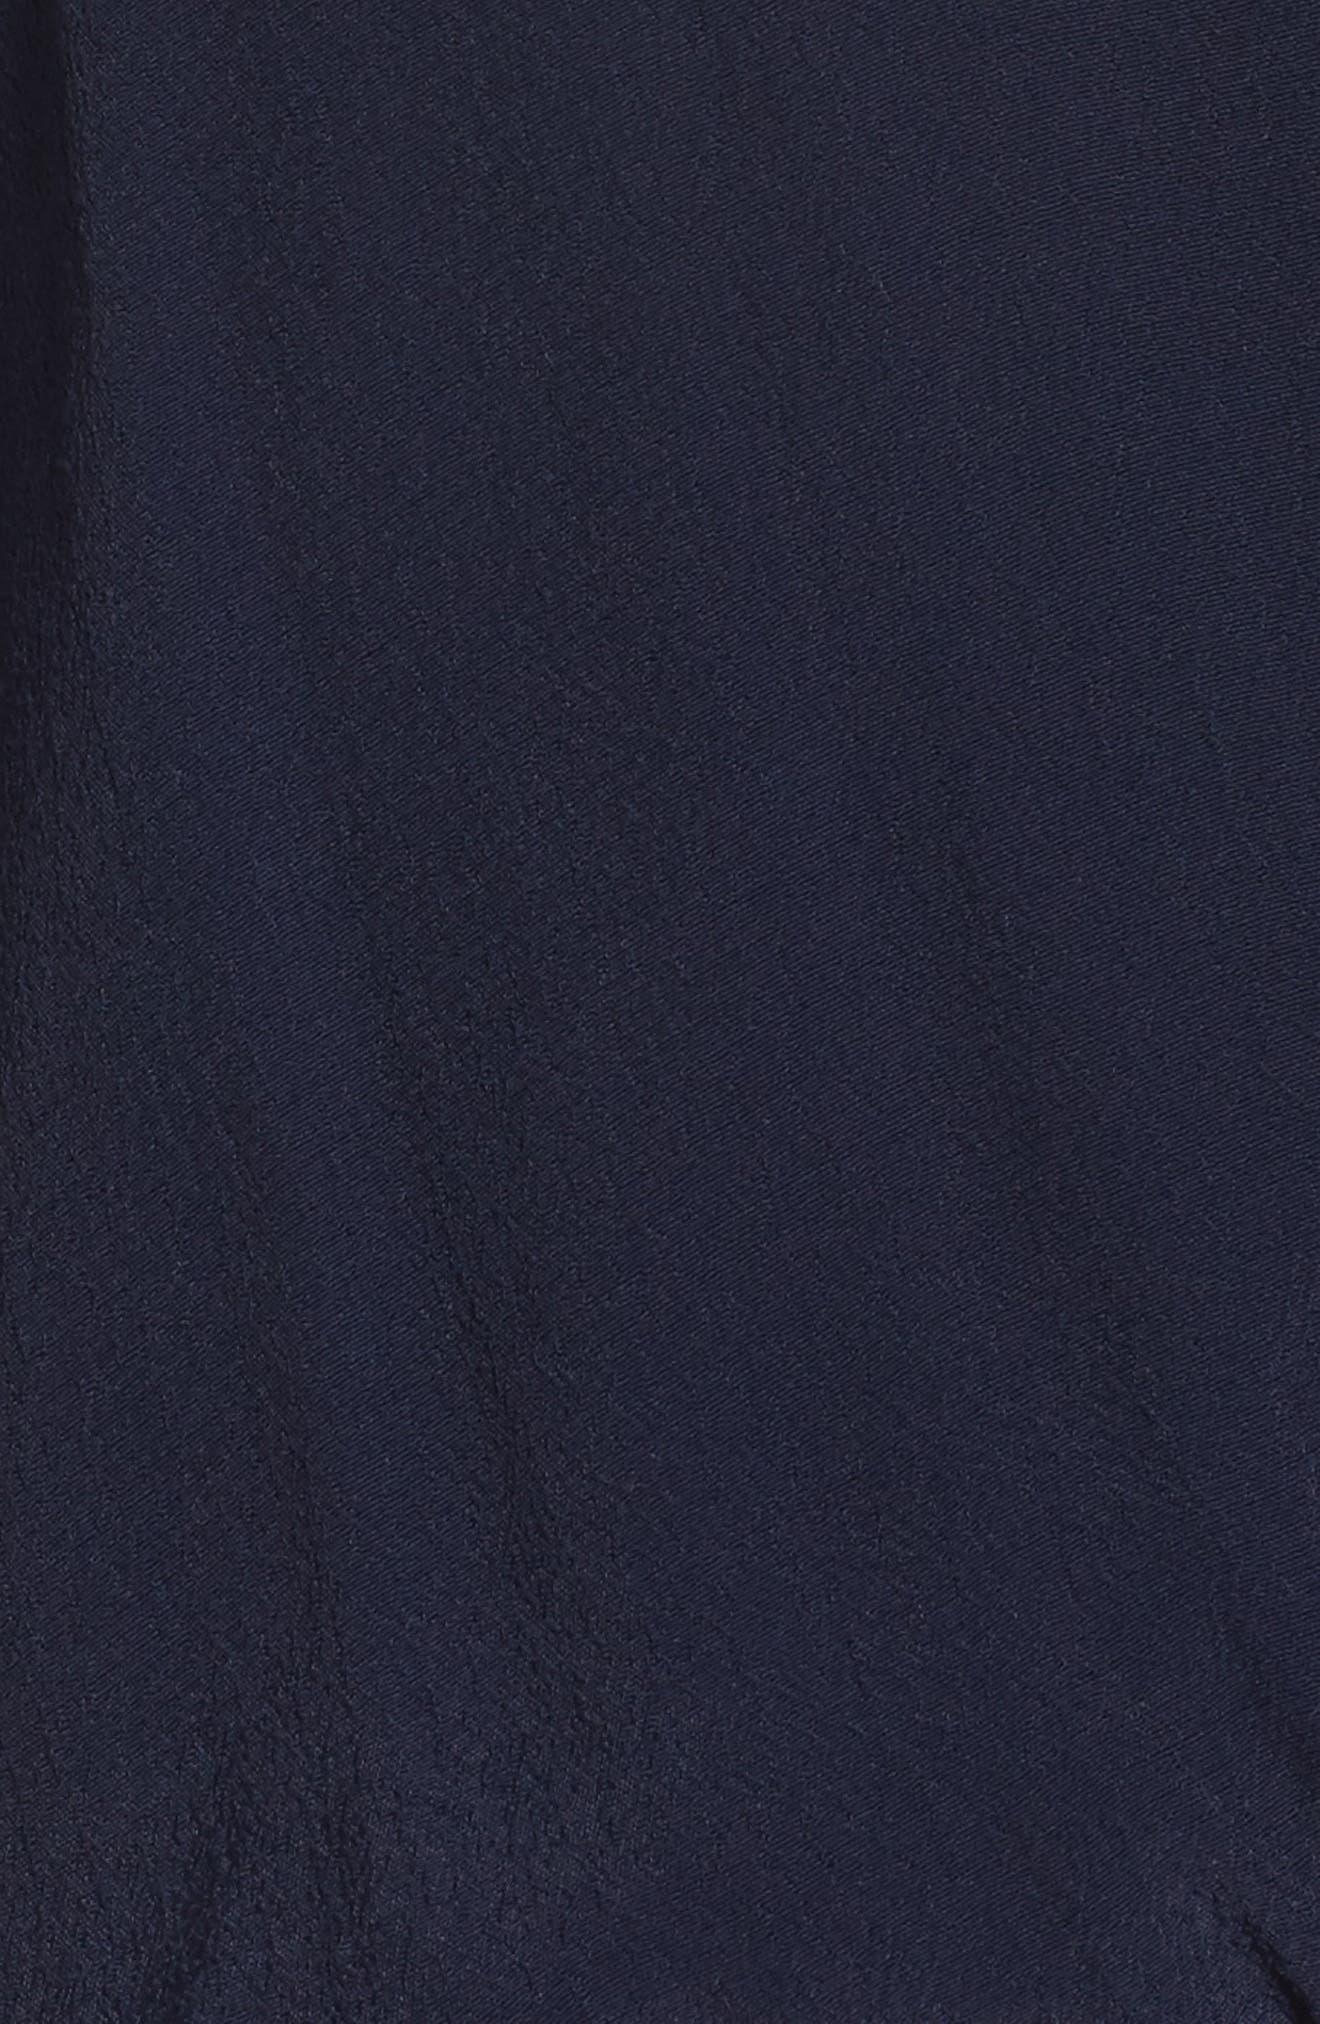 Cold Shoulder Jumpsuit,                             Alternate thumbnail 5, color,                             415